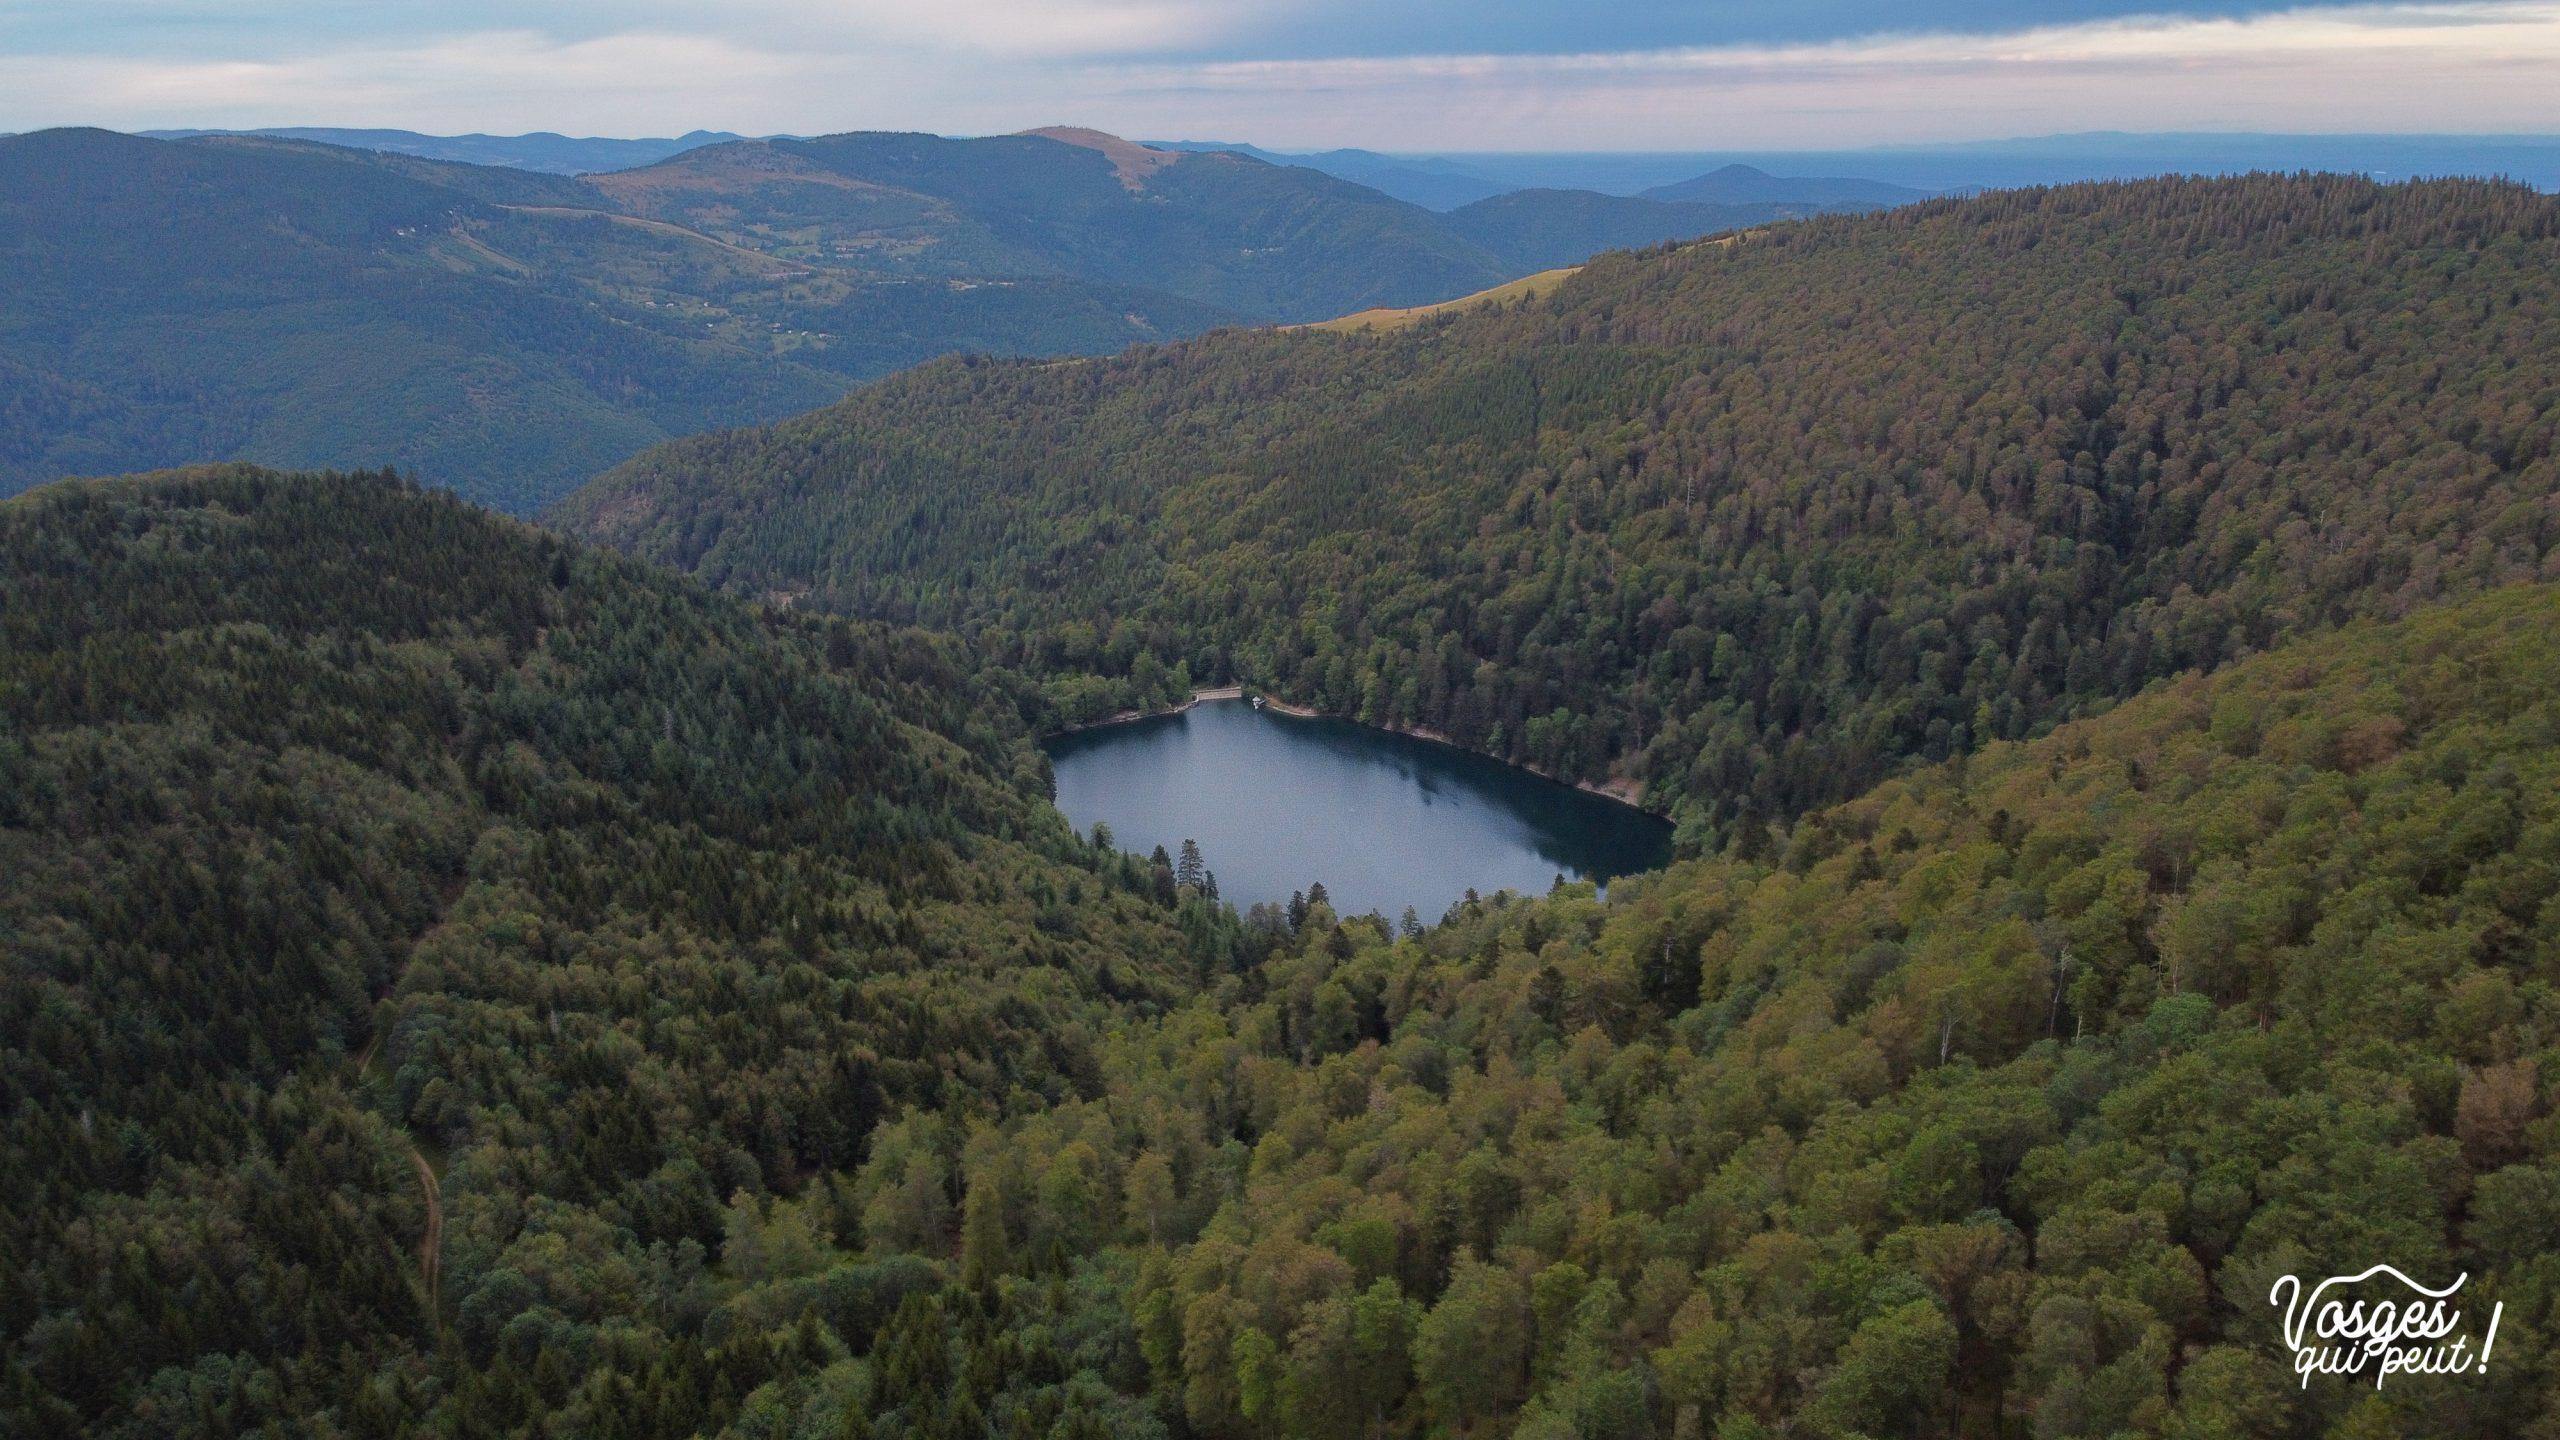 Vue aérienne sur le lac du Ballon au pied du Grand Ballon dans les Vosges